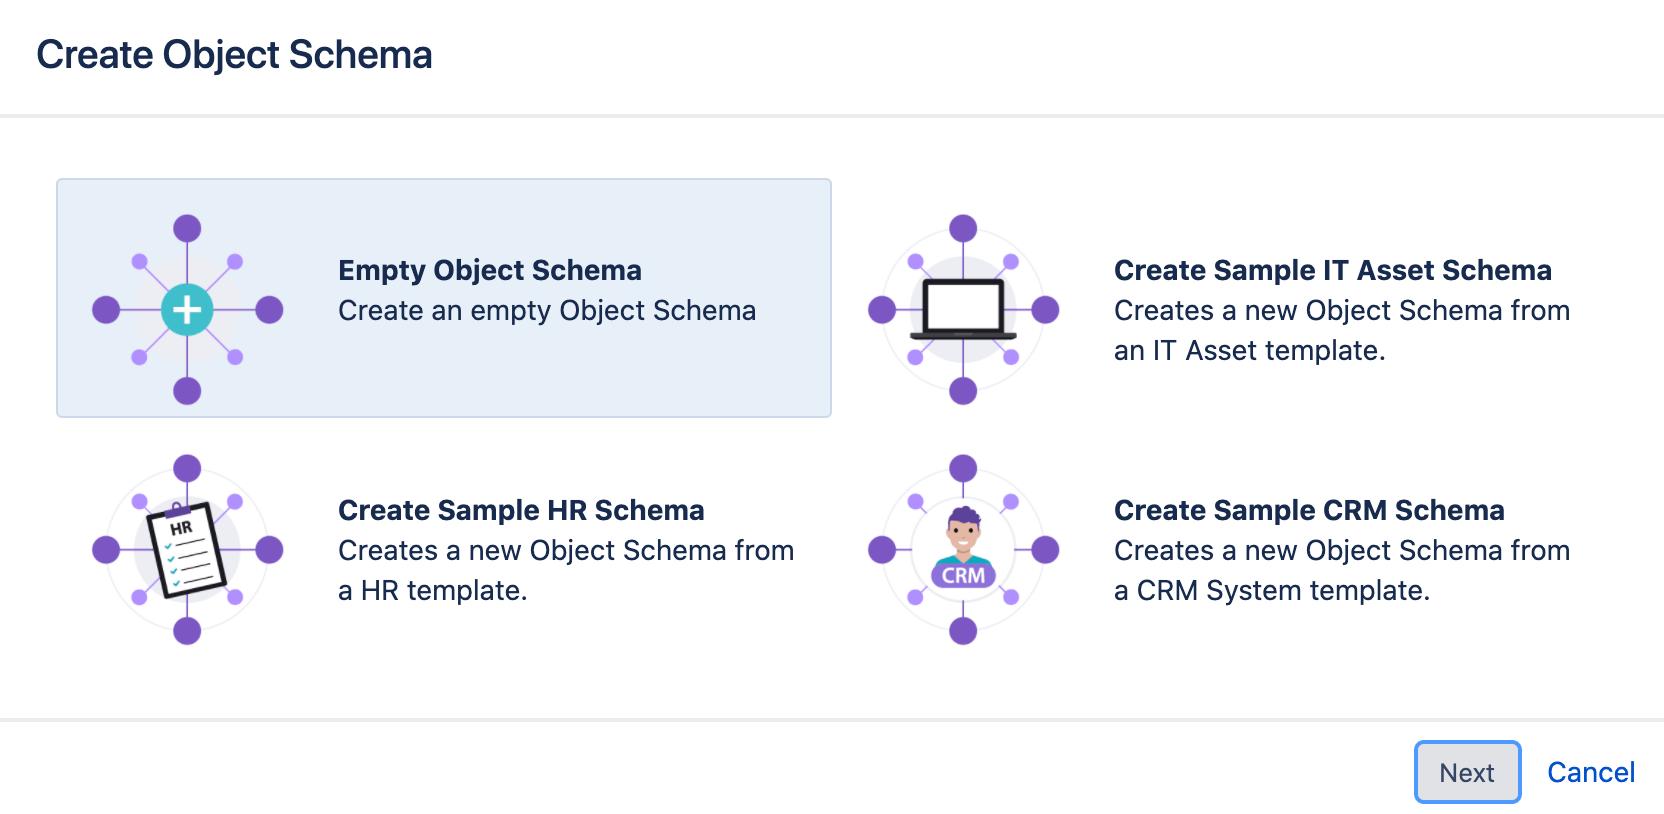 개체 스키마는 빈 스키마, IT 자산 스키마, HR 스키마, CRM 스키마 옵션을 사용하여 양식을 만듭니다.